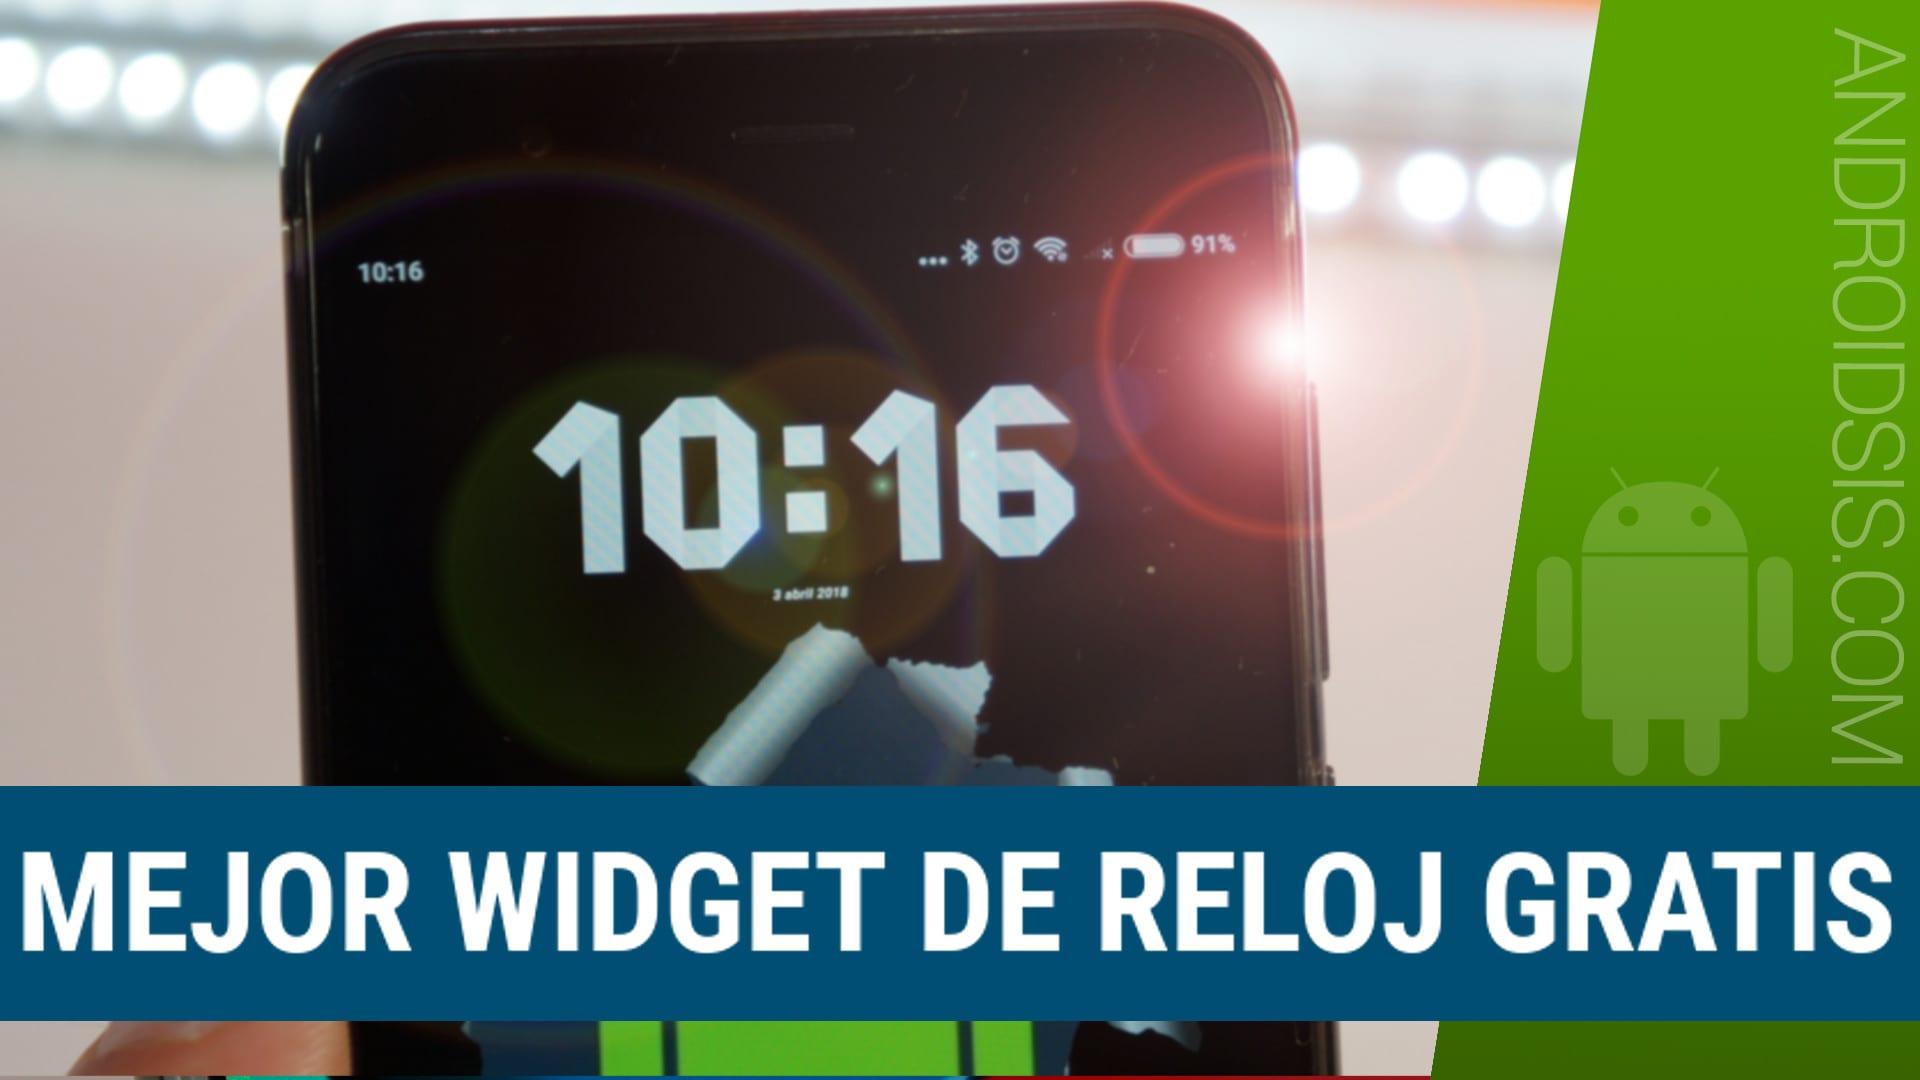 El mejor Widget reloj gratis para tu Android